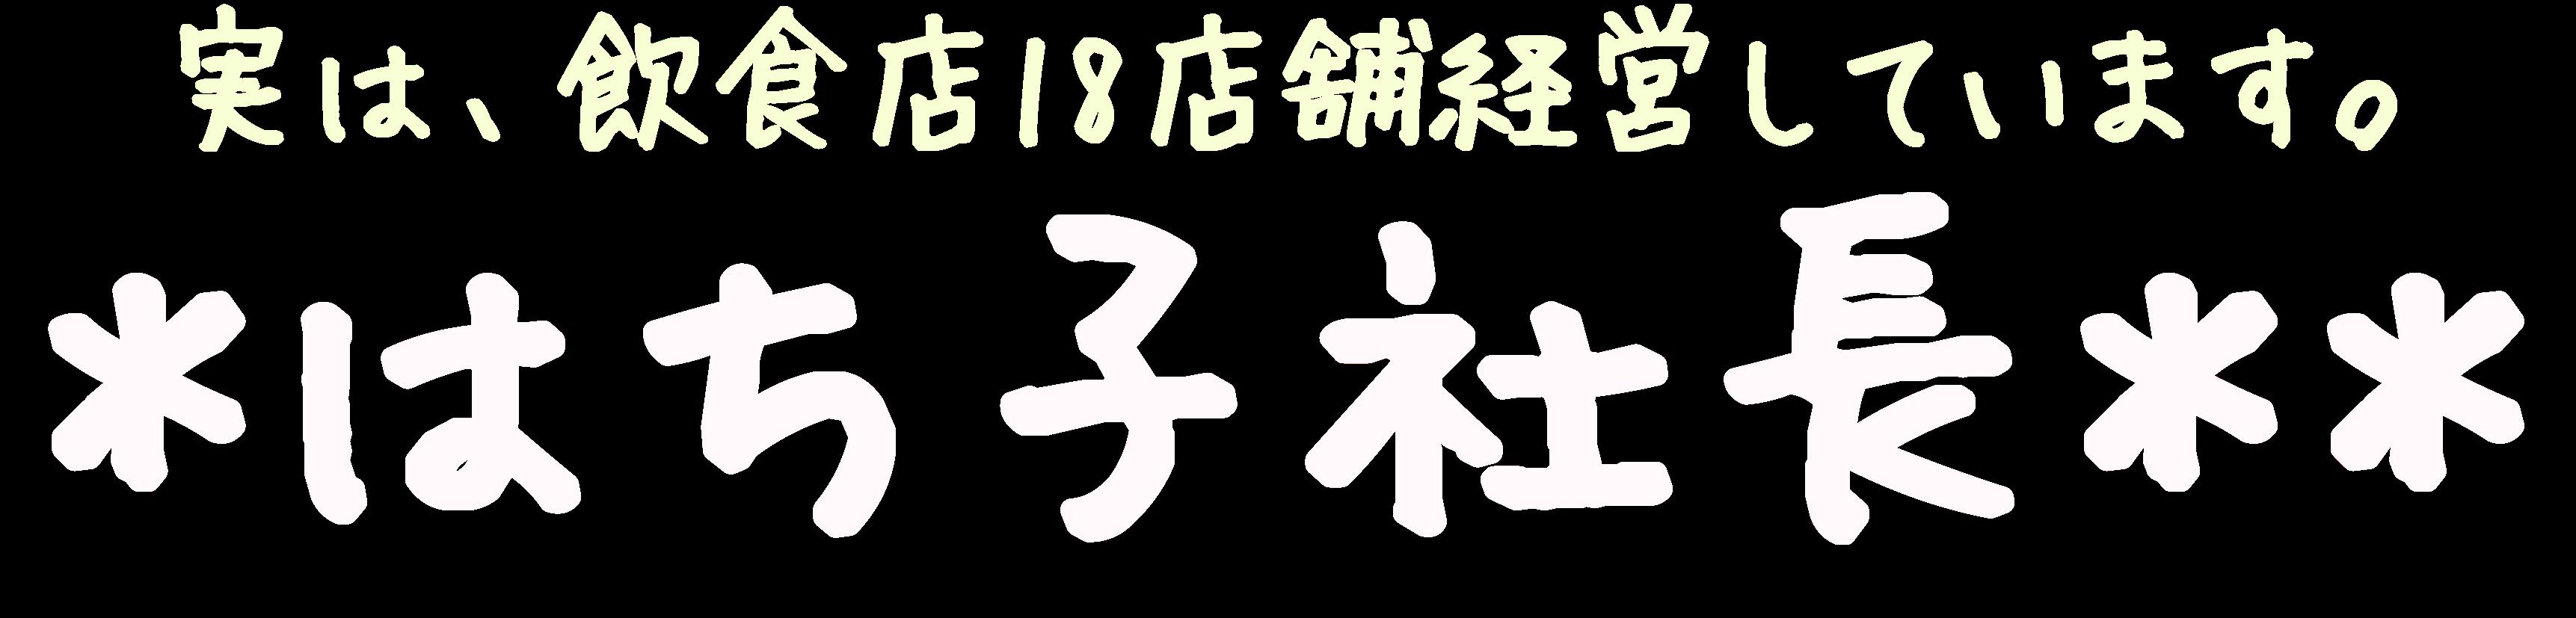 はち子社長